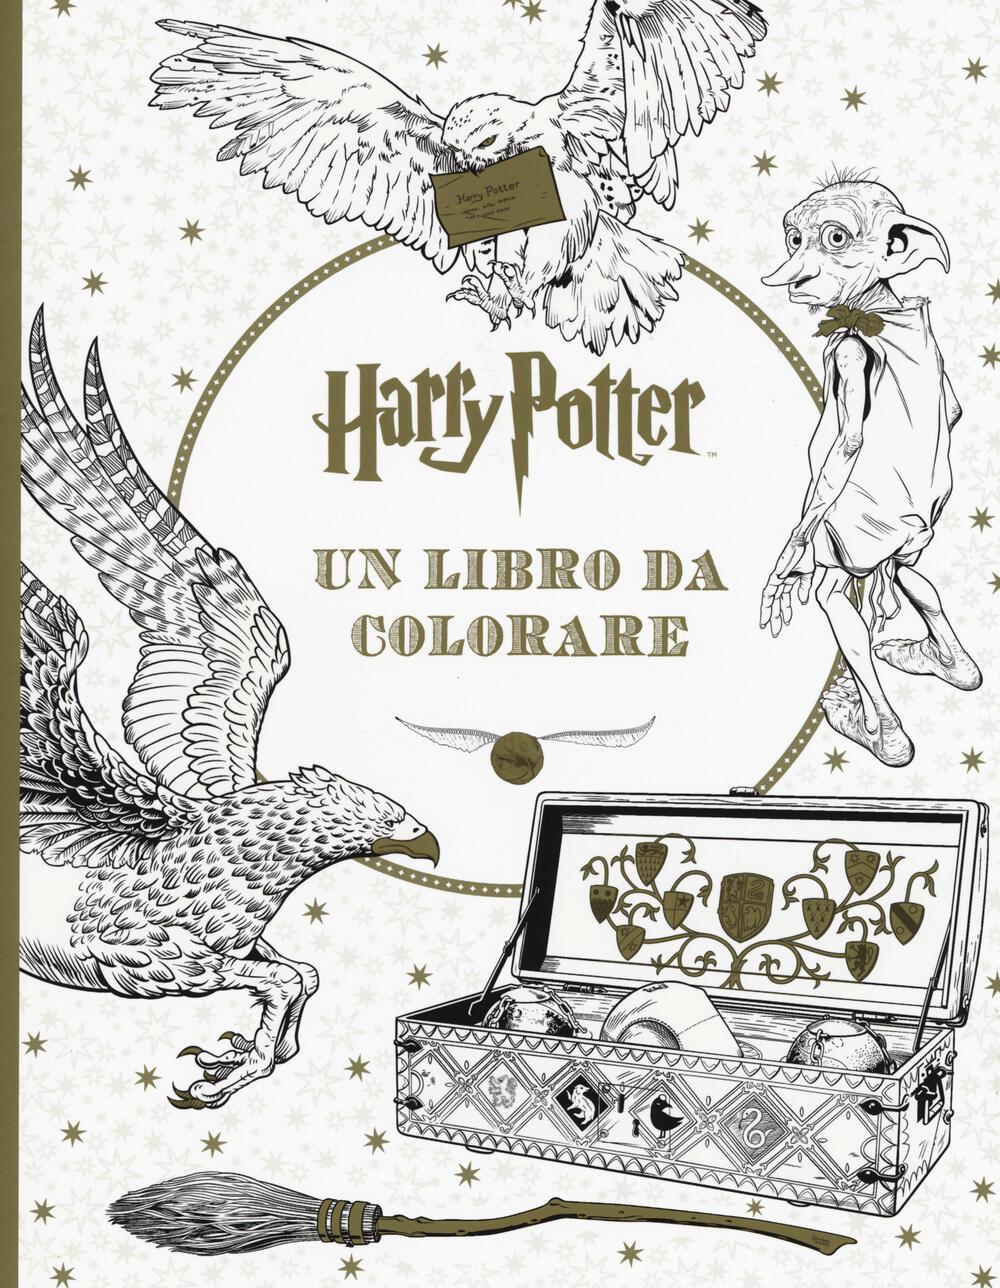 Harry potter un libro da colorare libro panini comics - Libro da colorare elefante libro ...